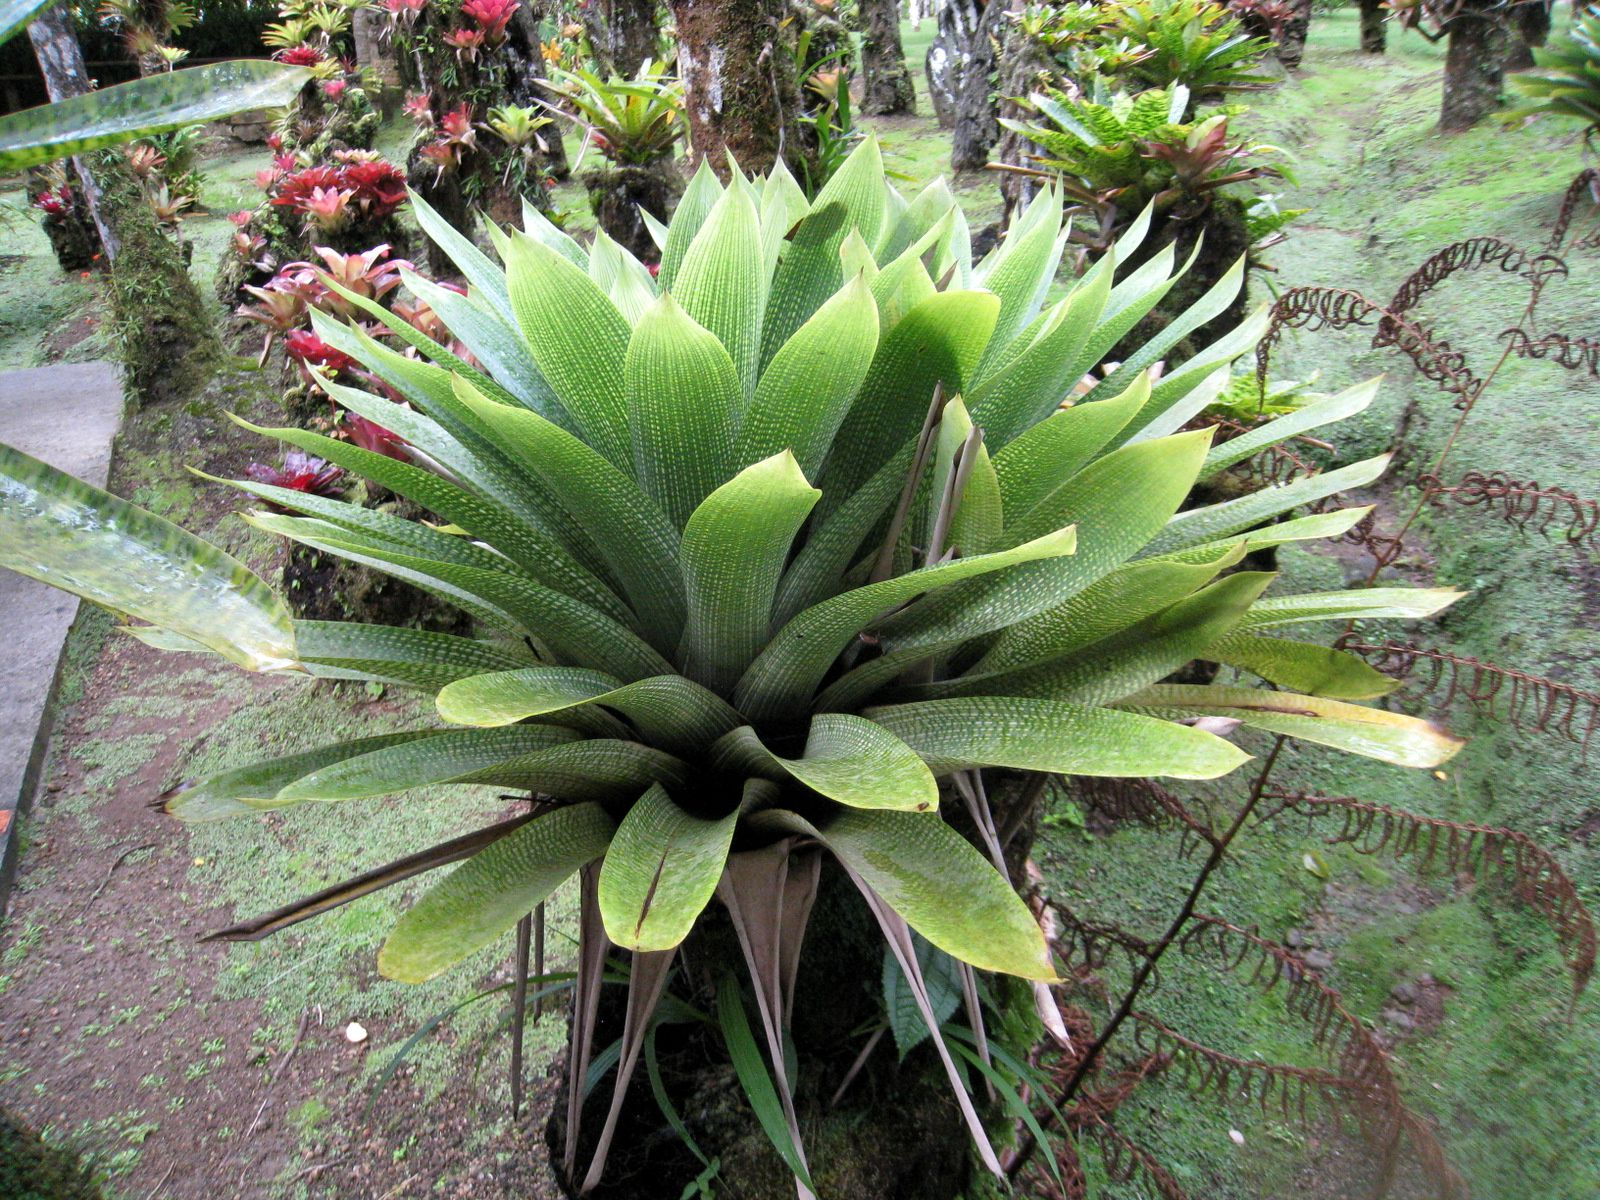 Ces plantes ne sont pas identifiées dans le jardin et cette remarque s'applique pour bien d'autres  ...